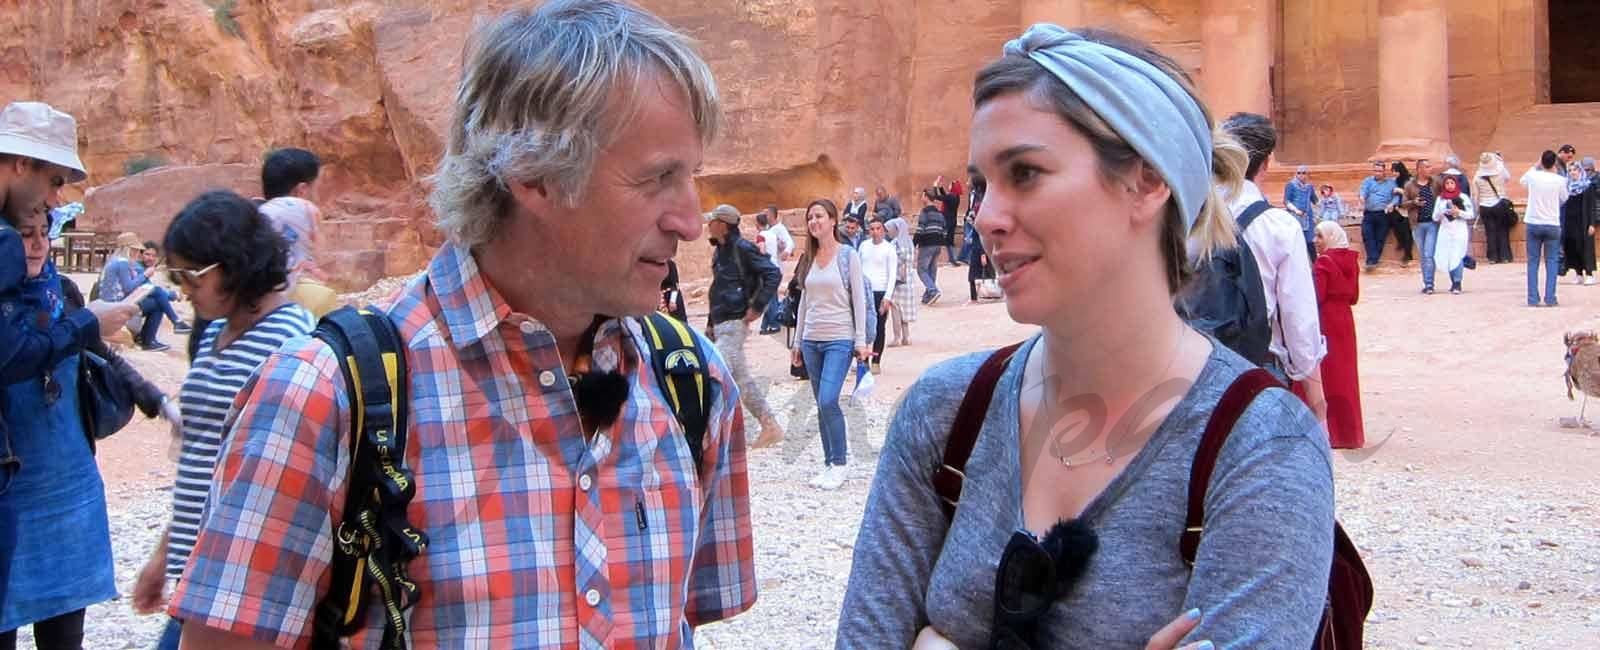 Las confesiones de Blanca Suárez en el desierto de Jordania